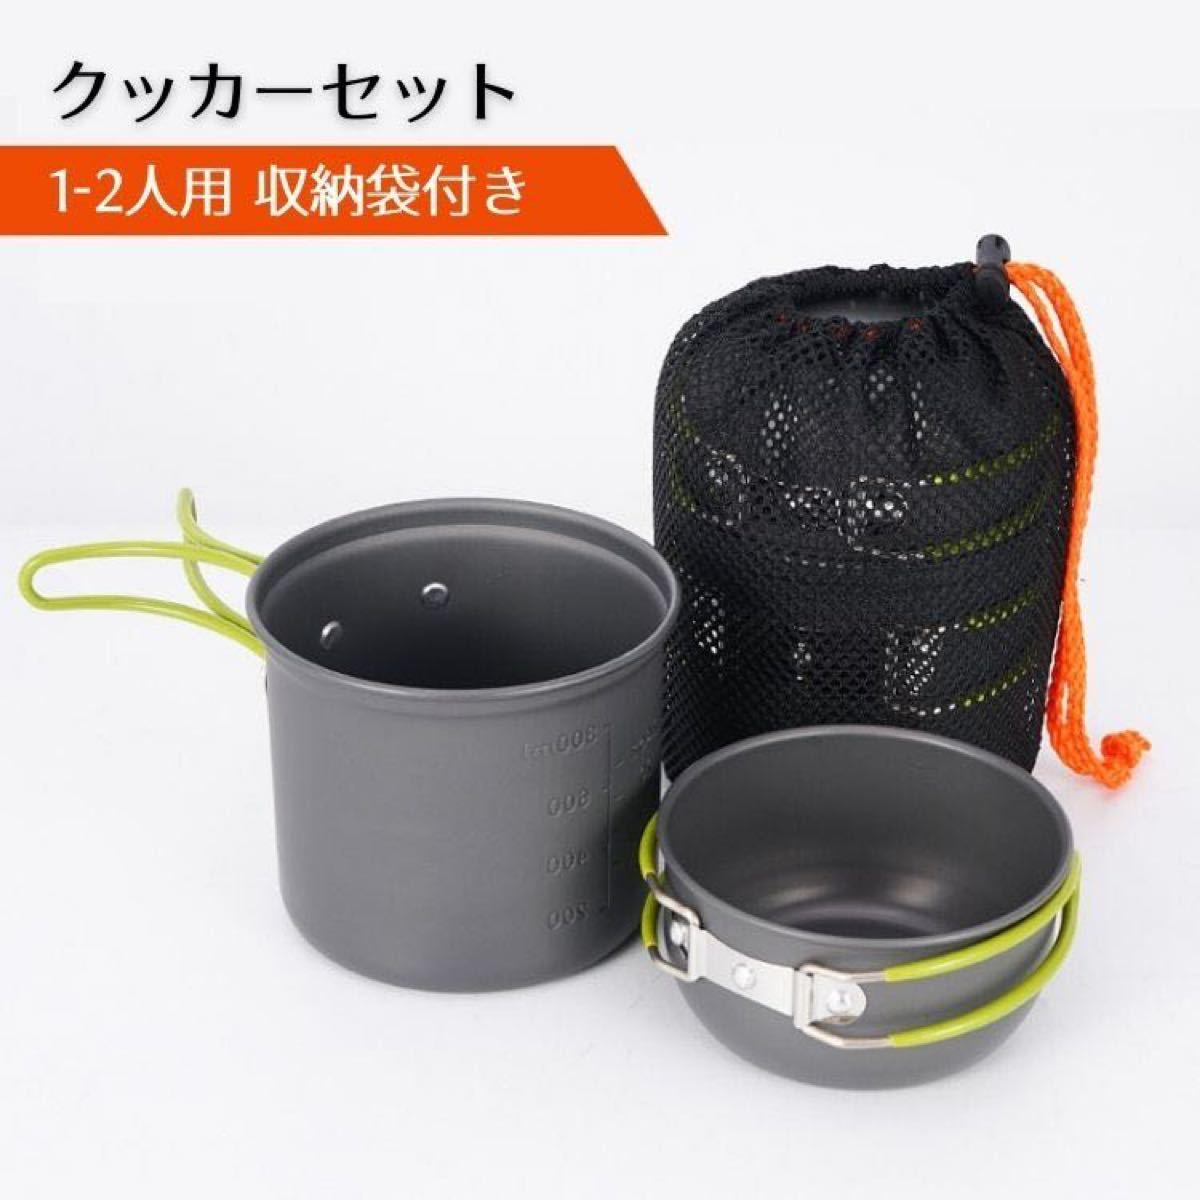 クッカーセット 1-2人用 キャンプ アルミ合金アウトドア鍋